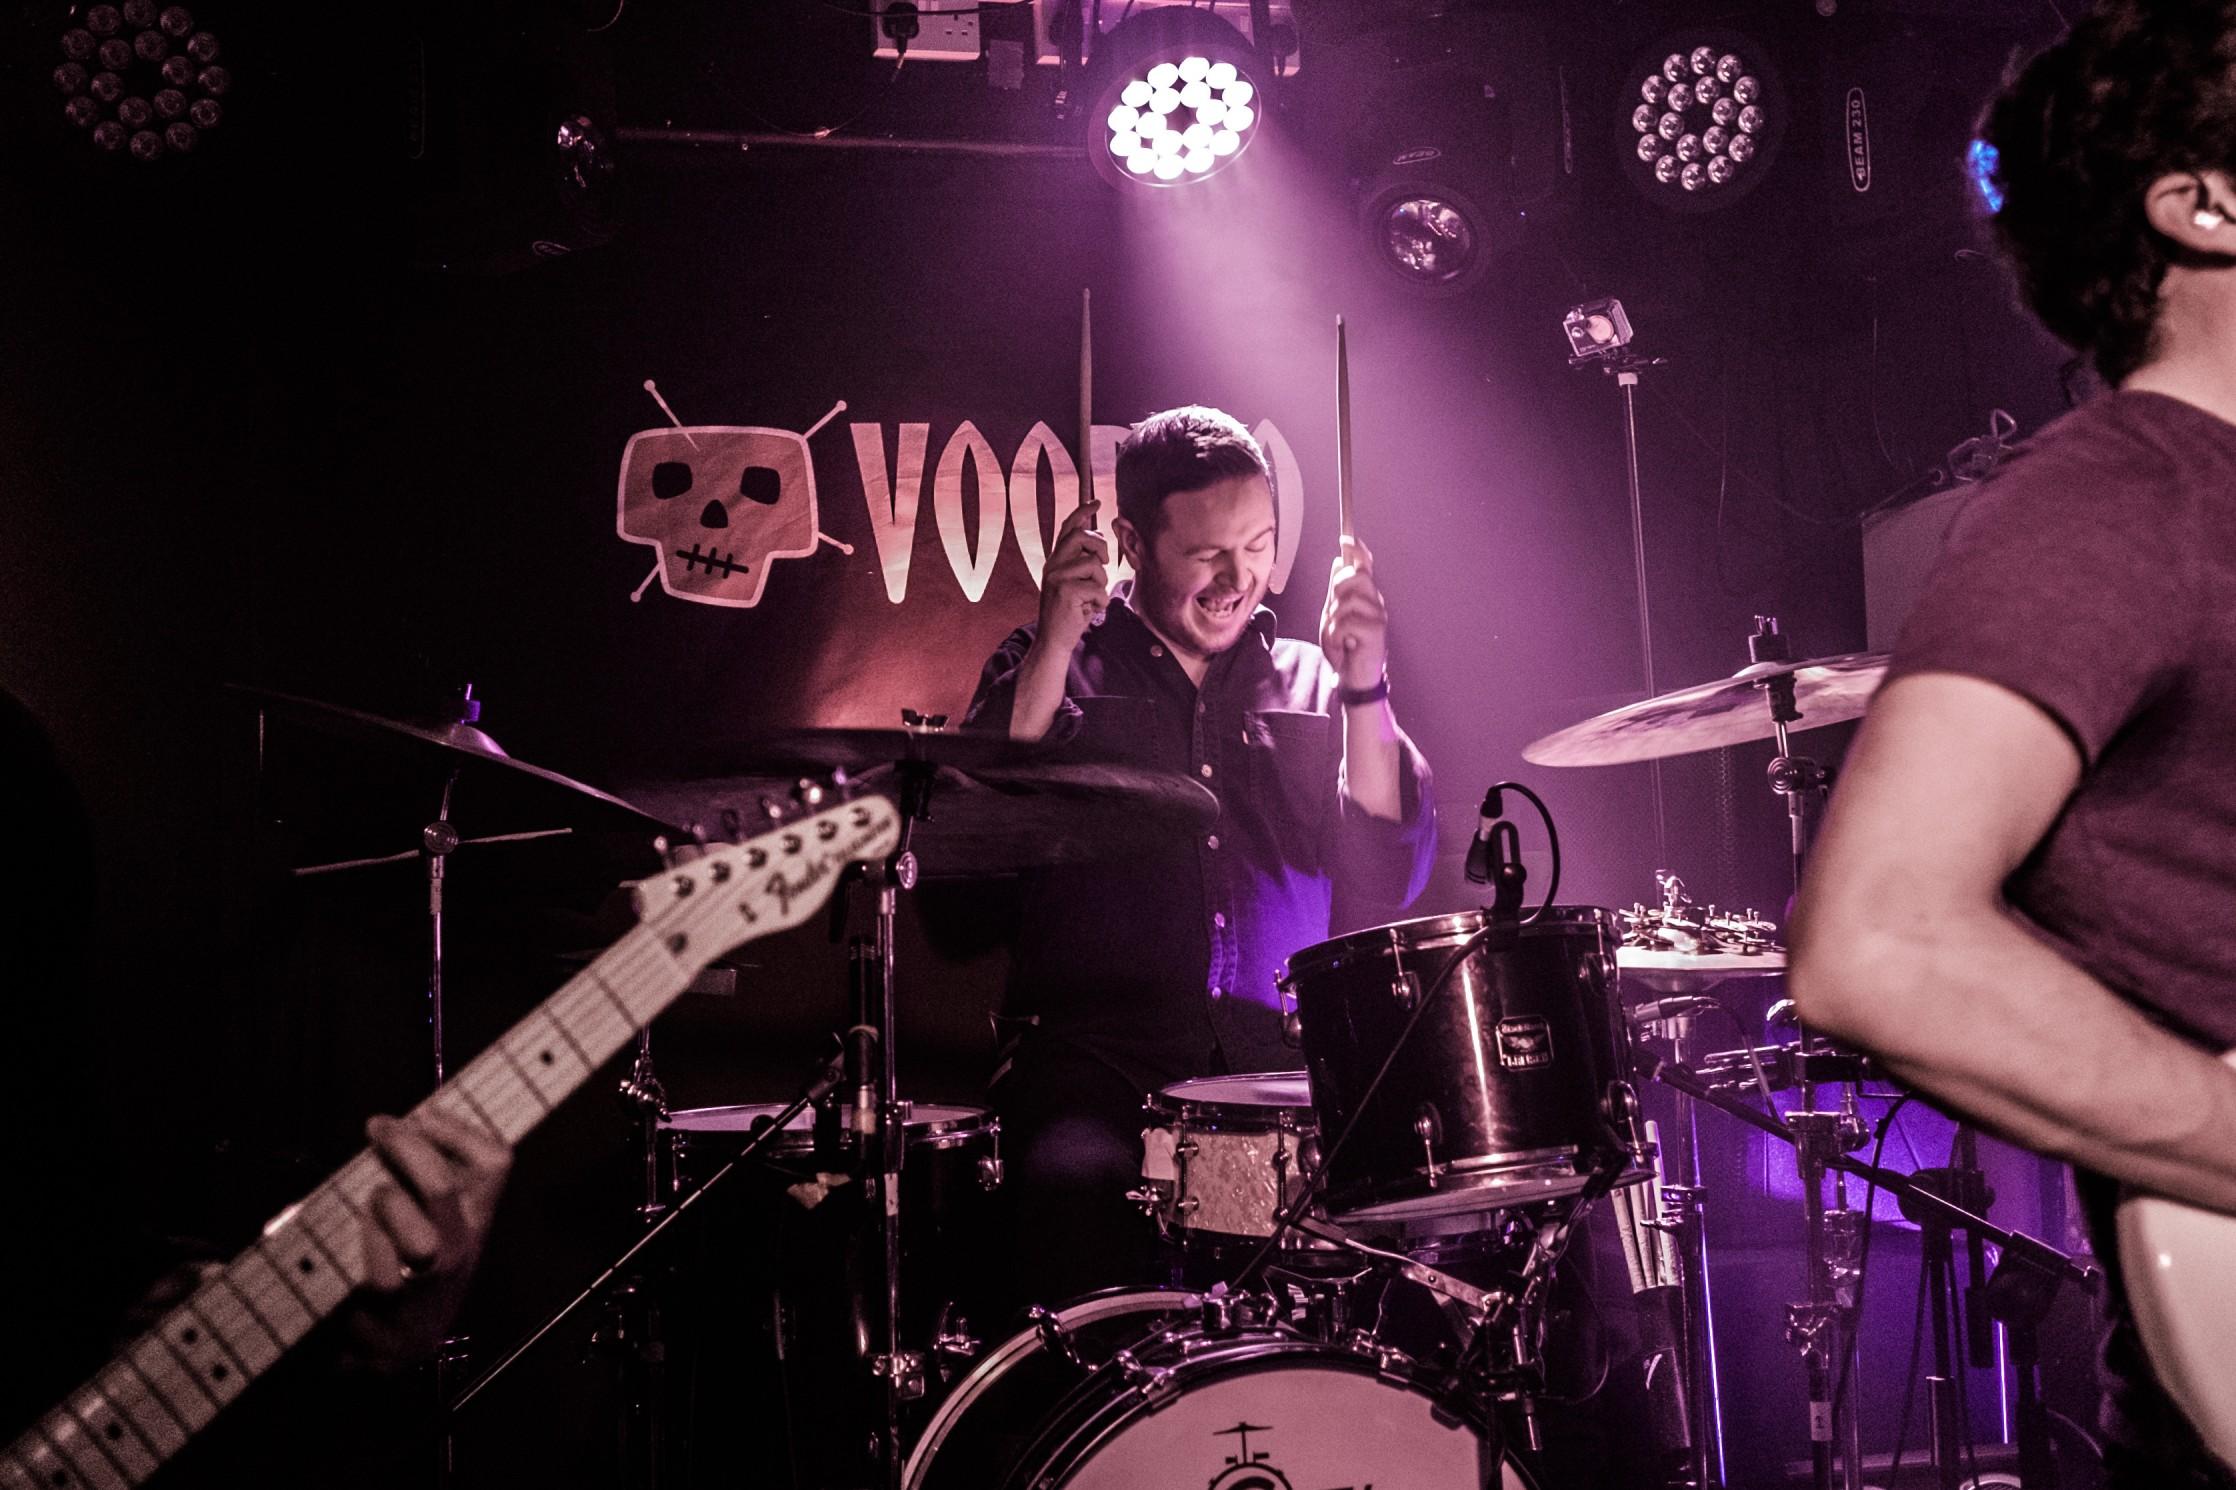 General Fiasco - Voodoo Belfast cmcguigan photography